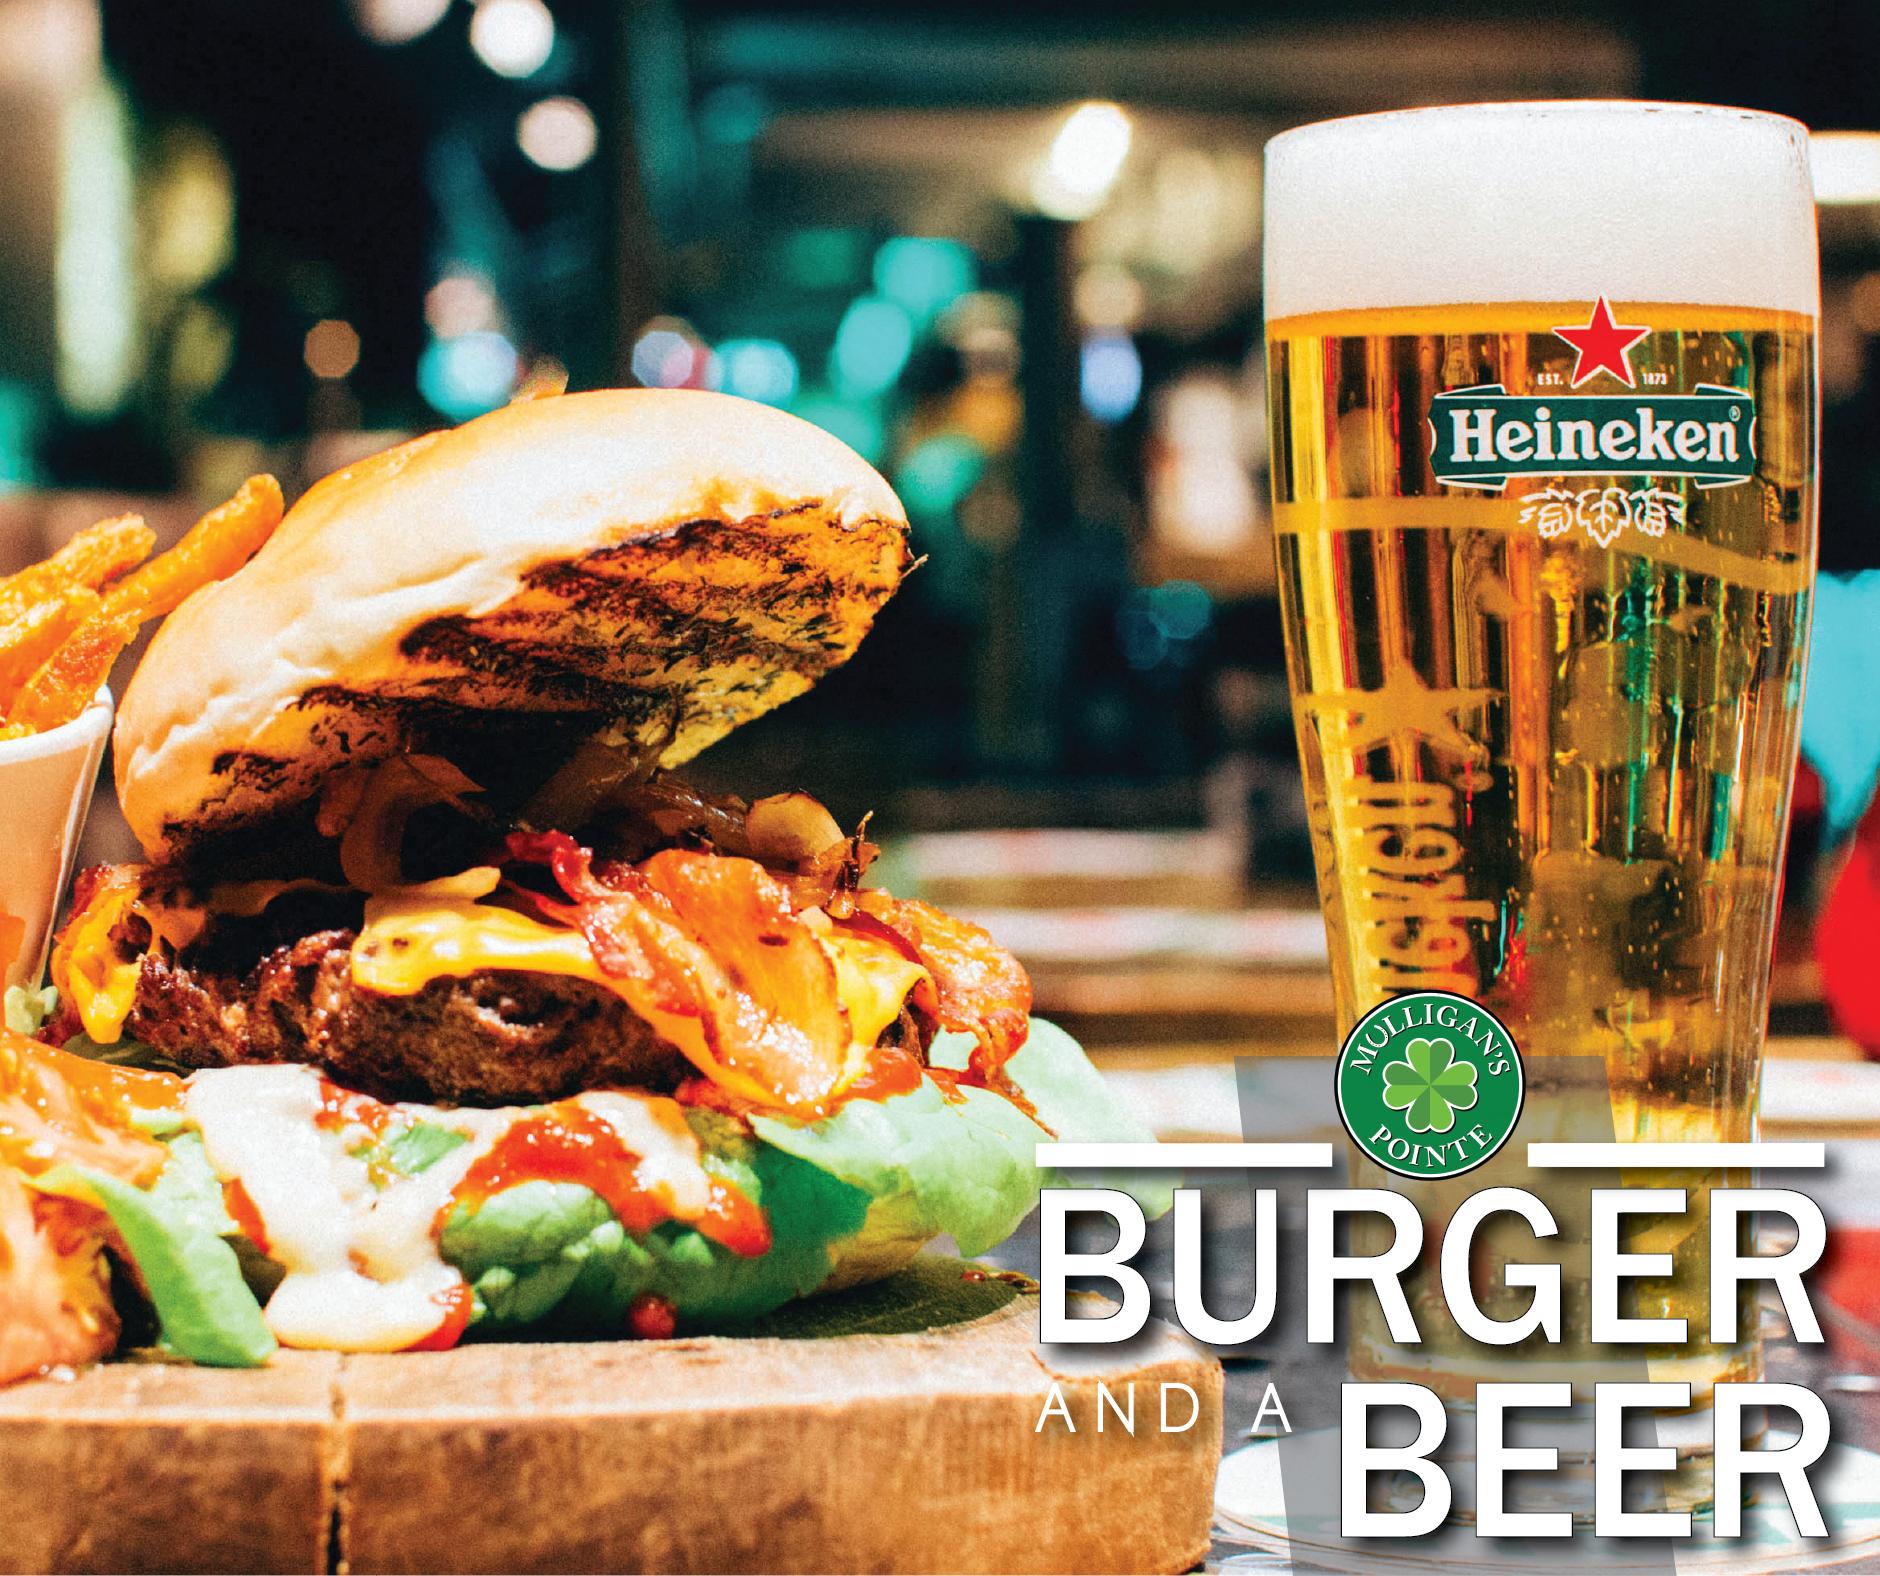 BurgerBeer8Artboard 1@2x.png